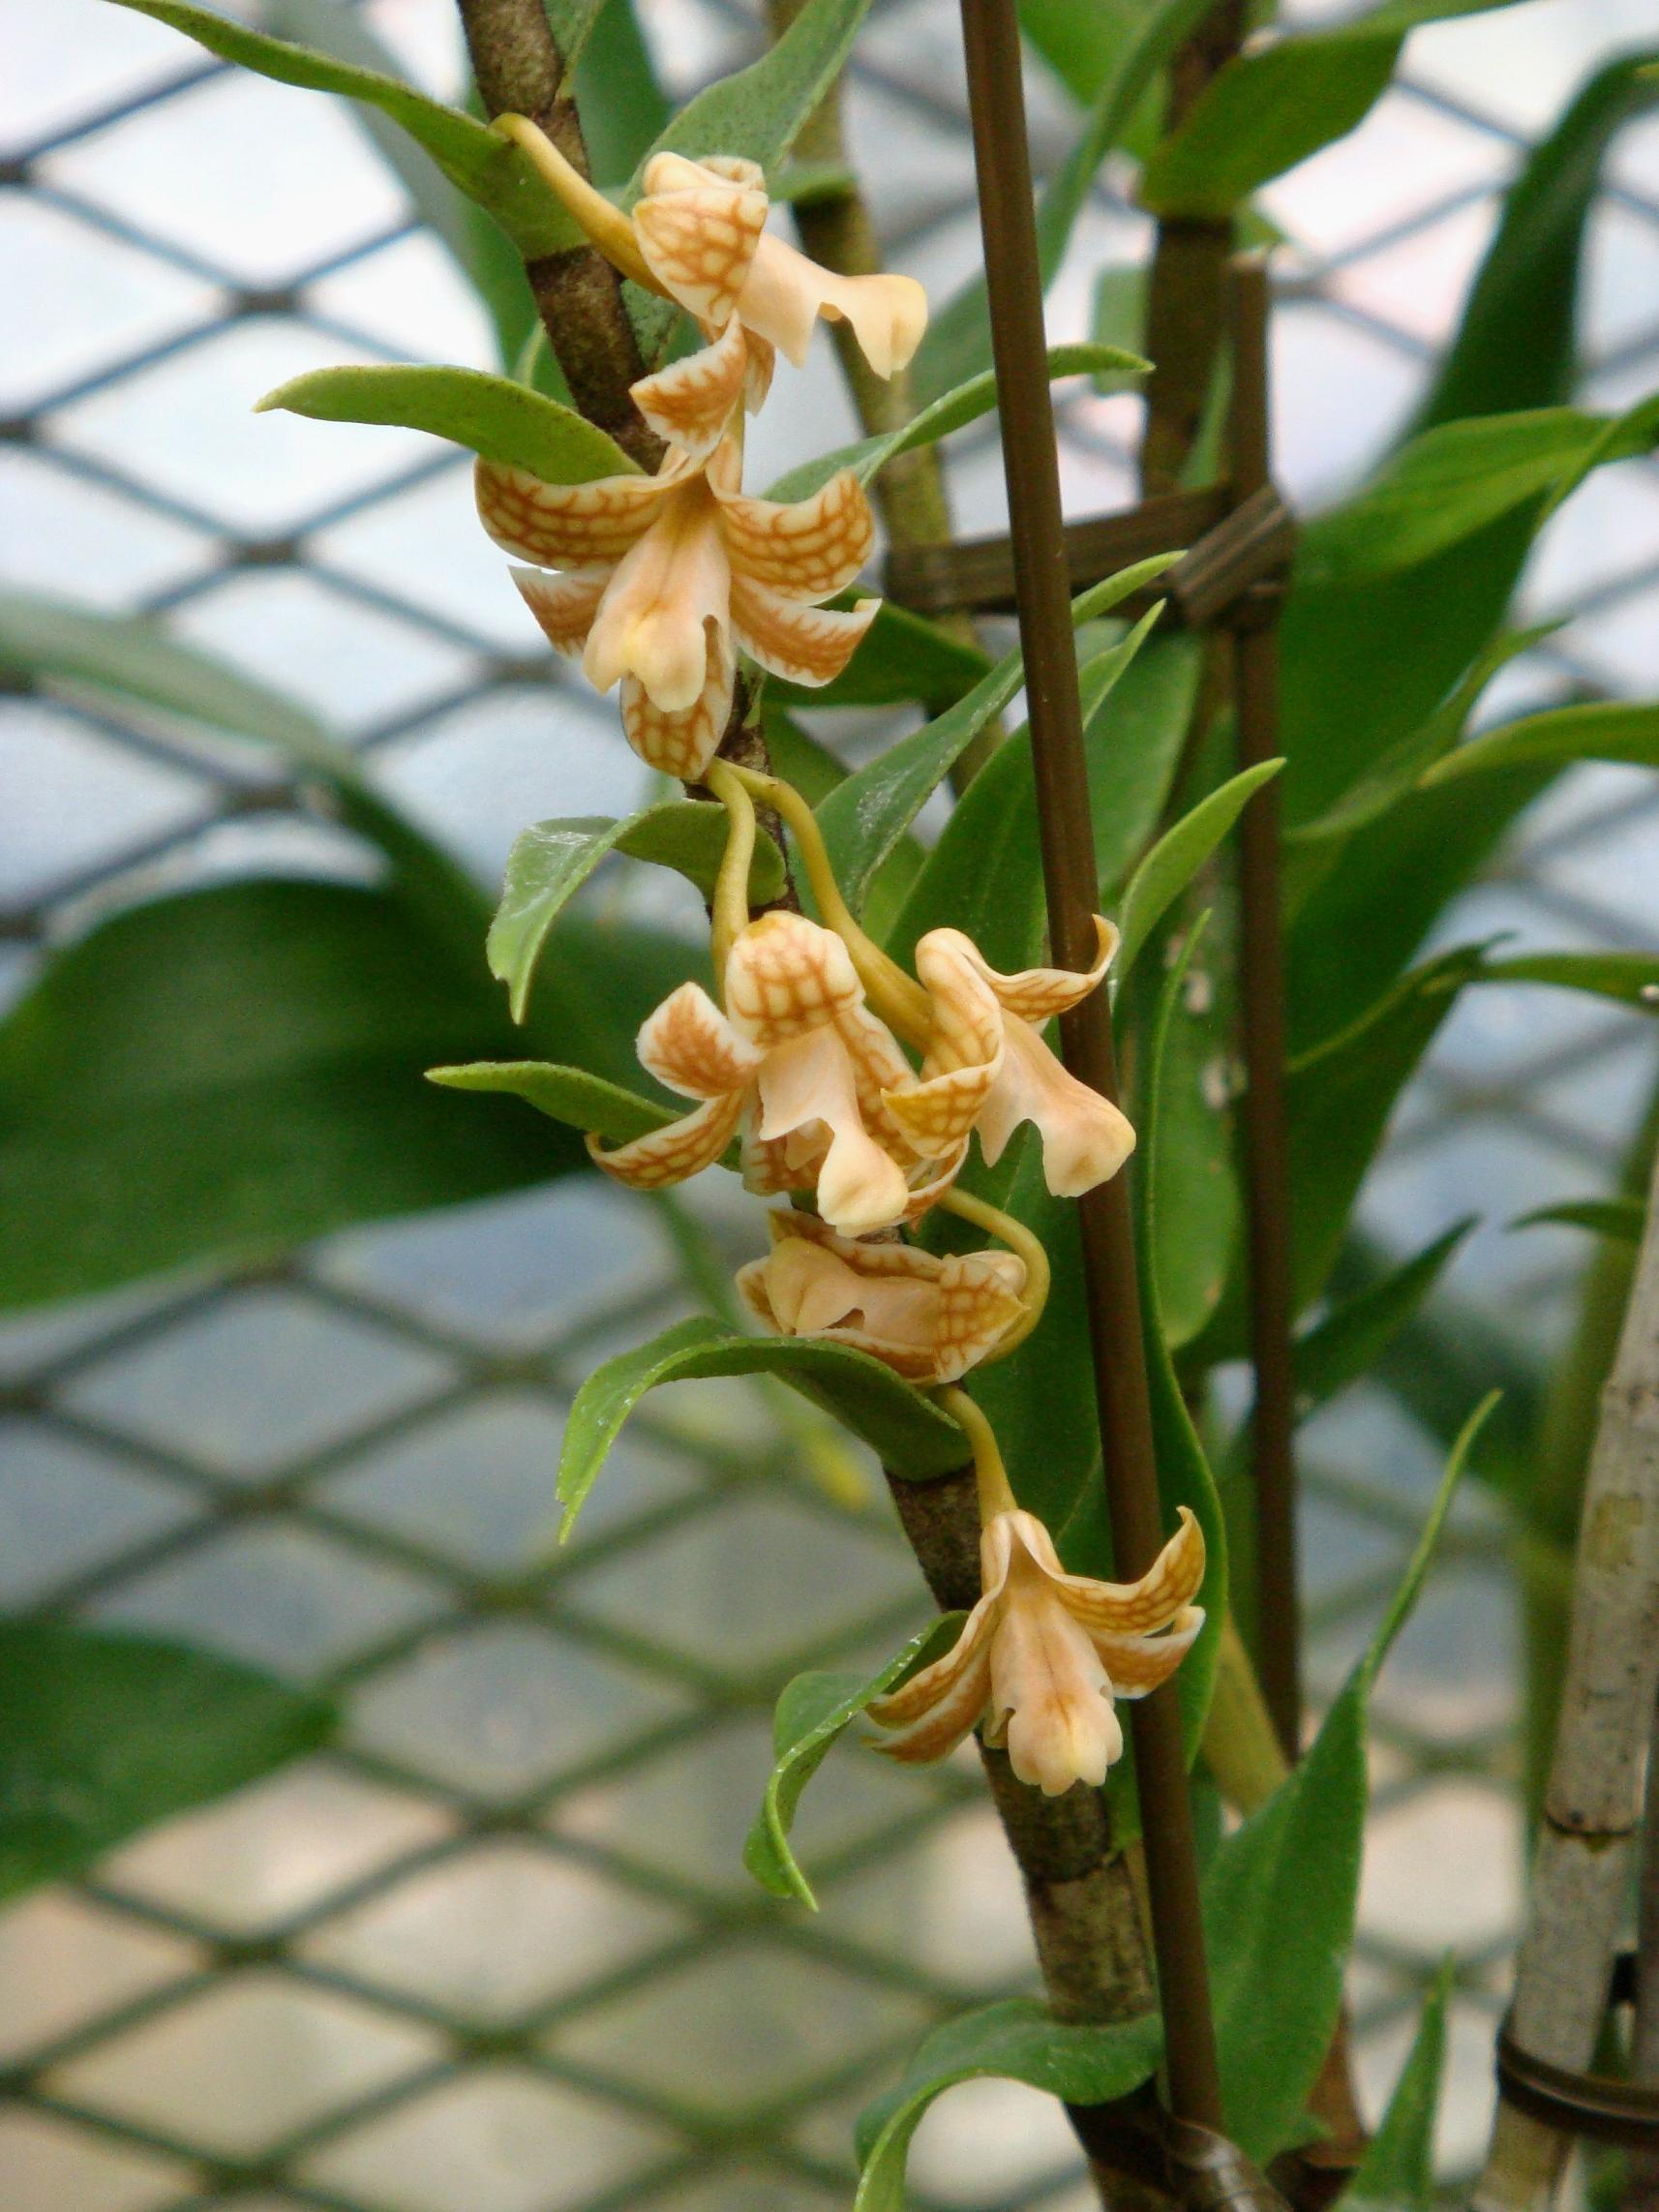 http://orchids.la.coocan.jp/Dendrobium/Dendrobium%20nemorale/DSC01866.JPG